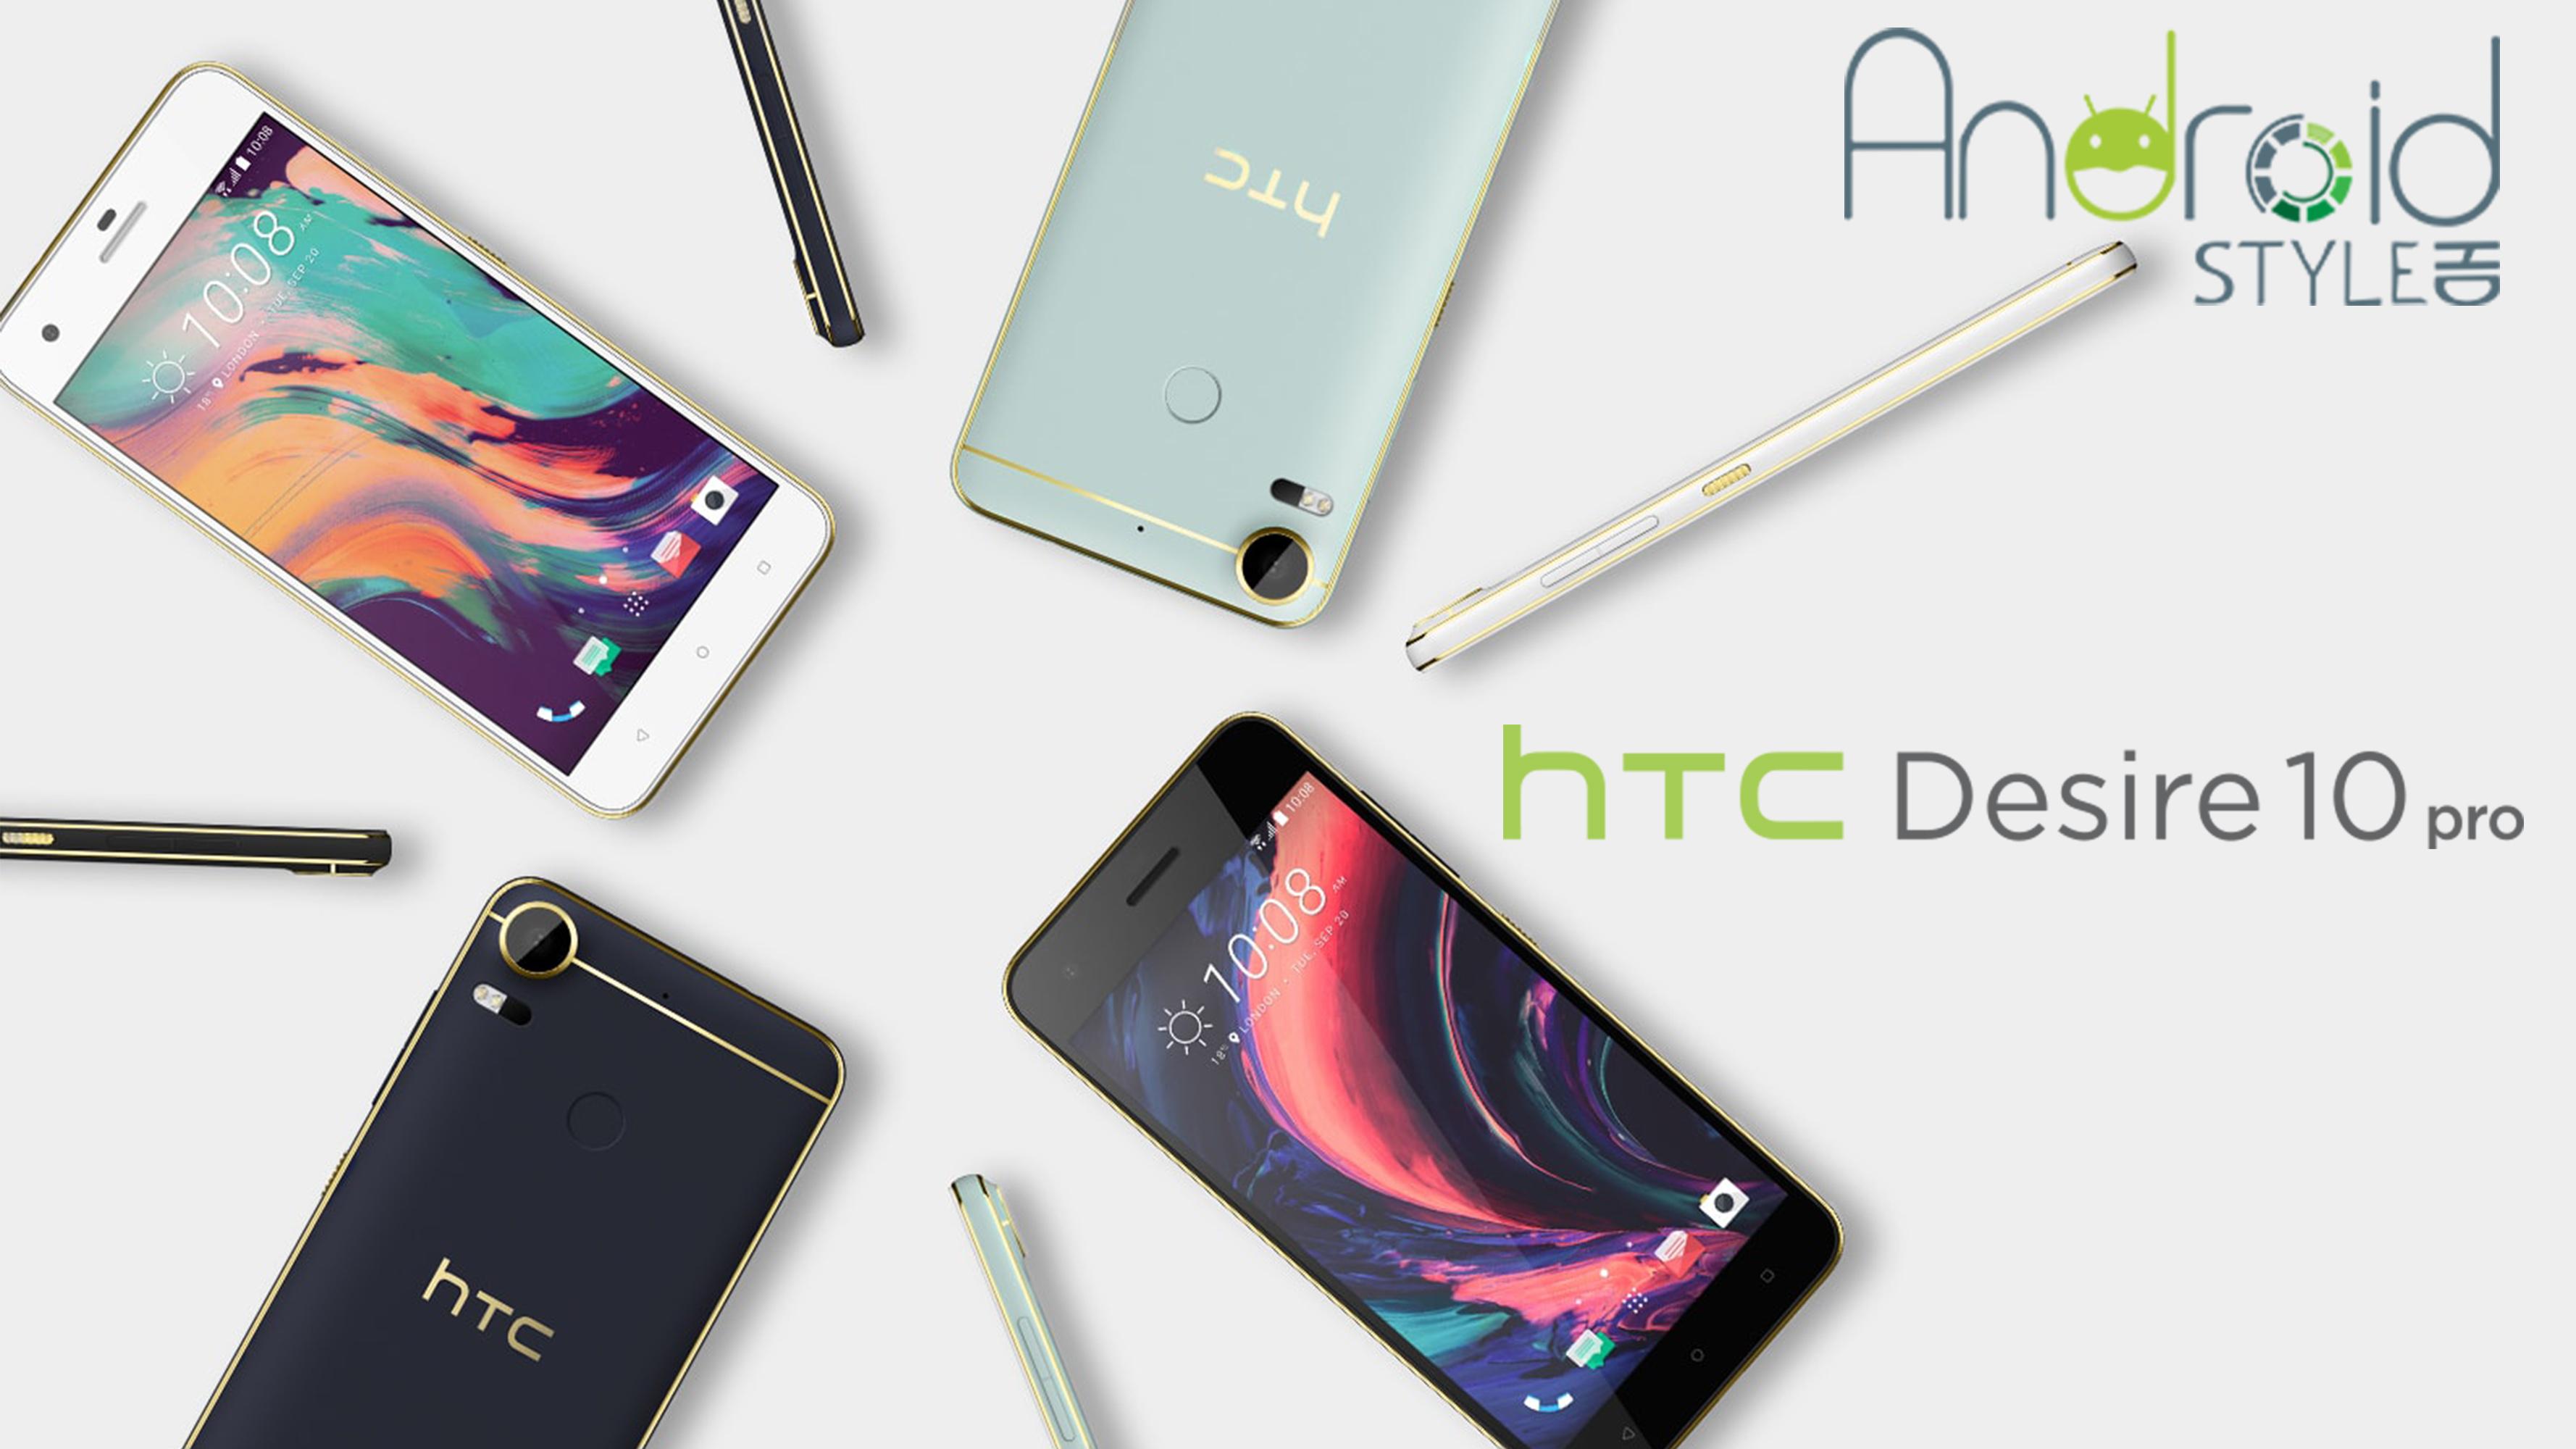 HTC Desire 10 Pro: Potenza ed eleganza racchiusi in uno smartphone